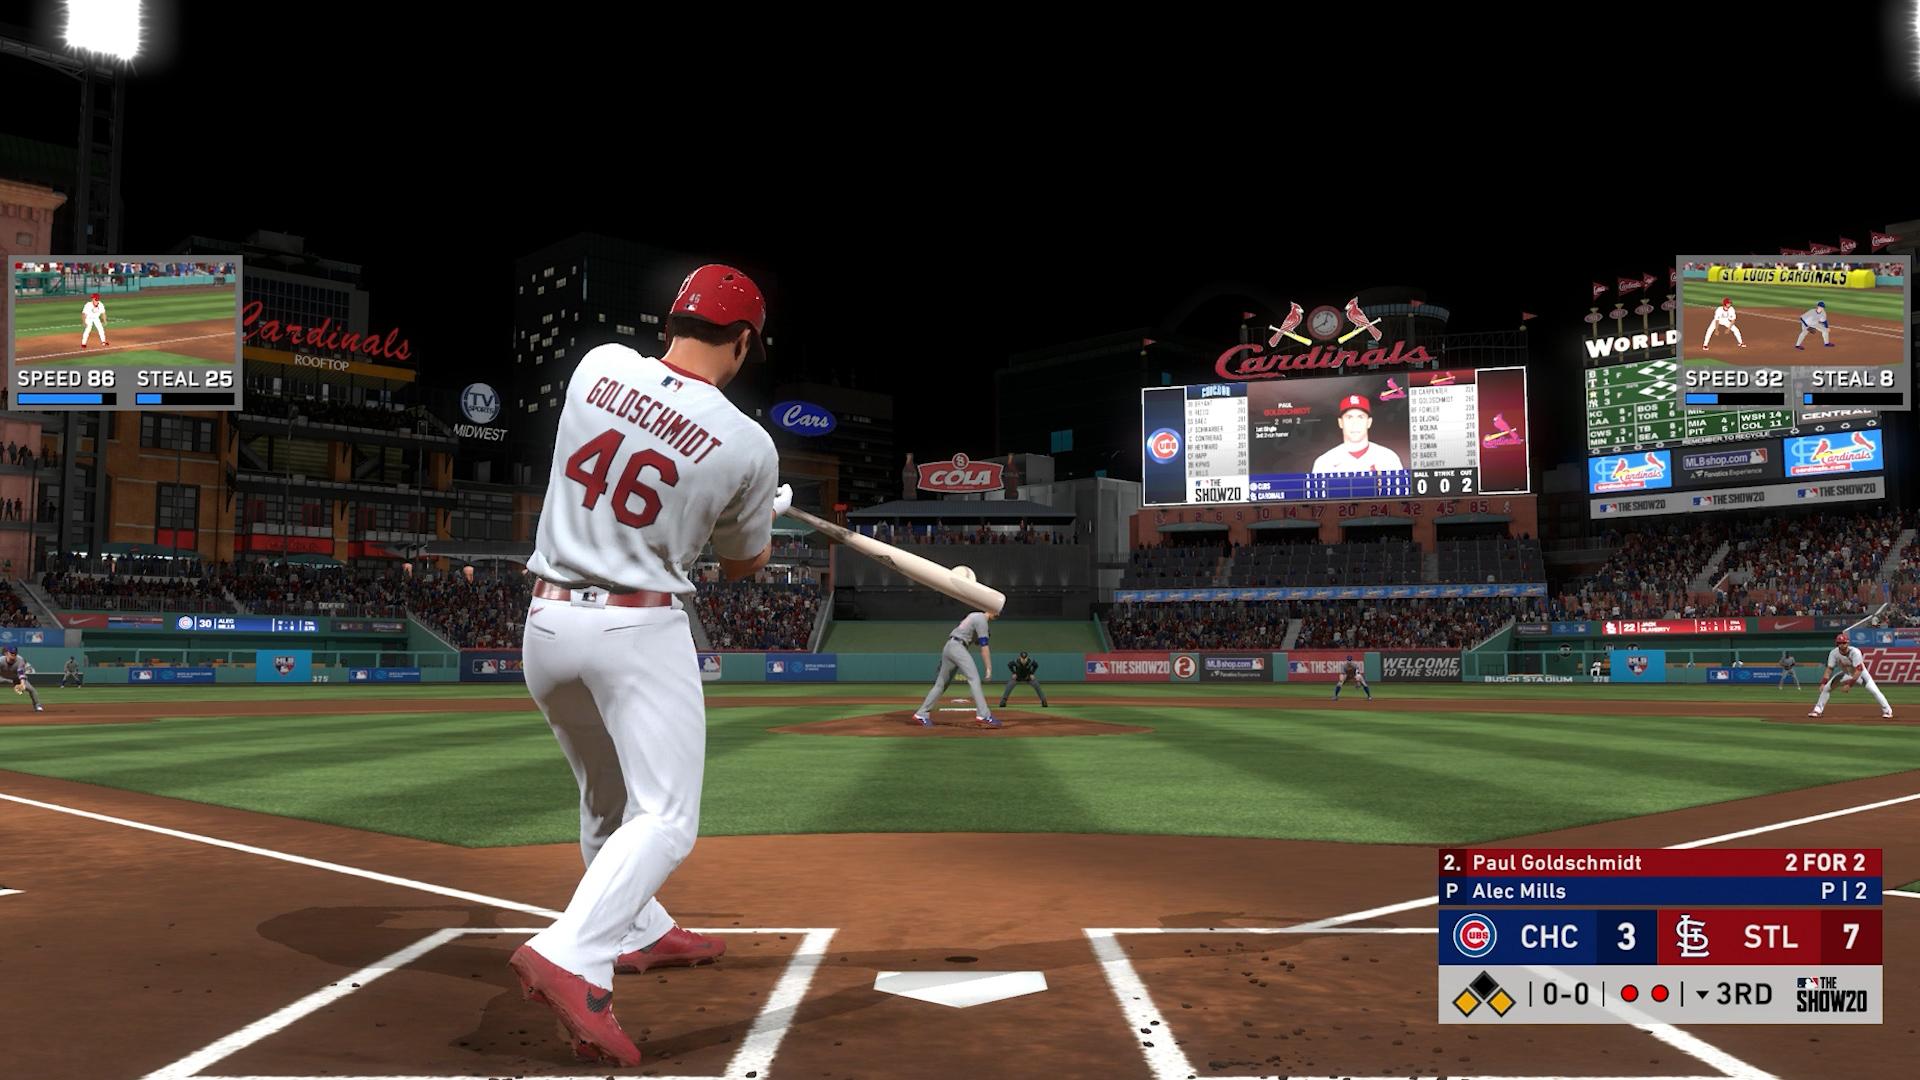 cardinals home run swings